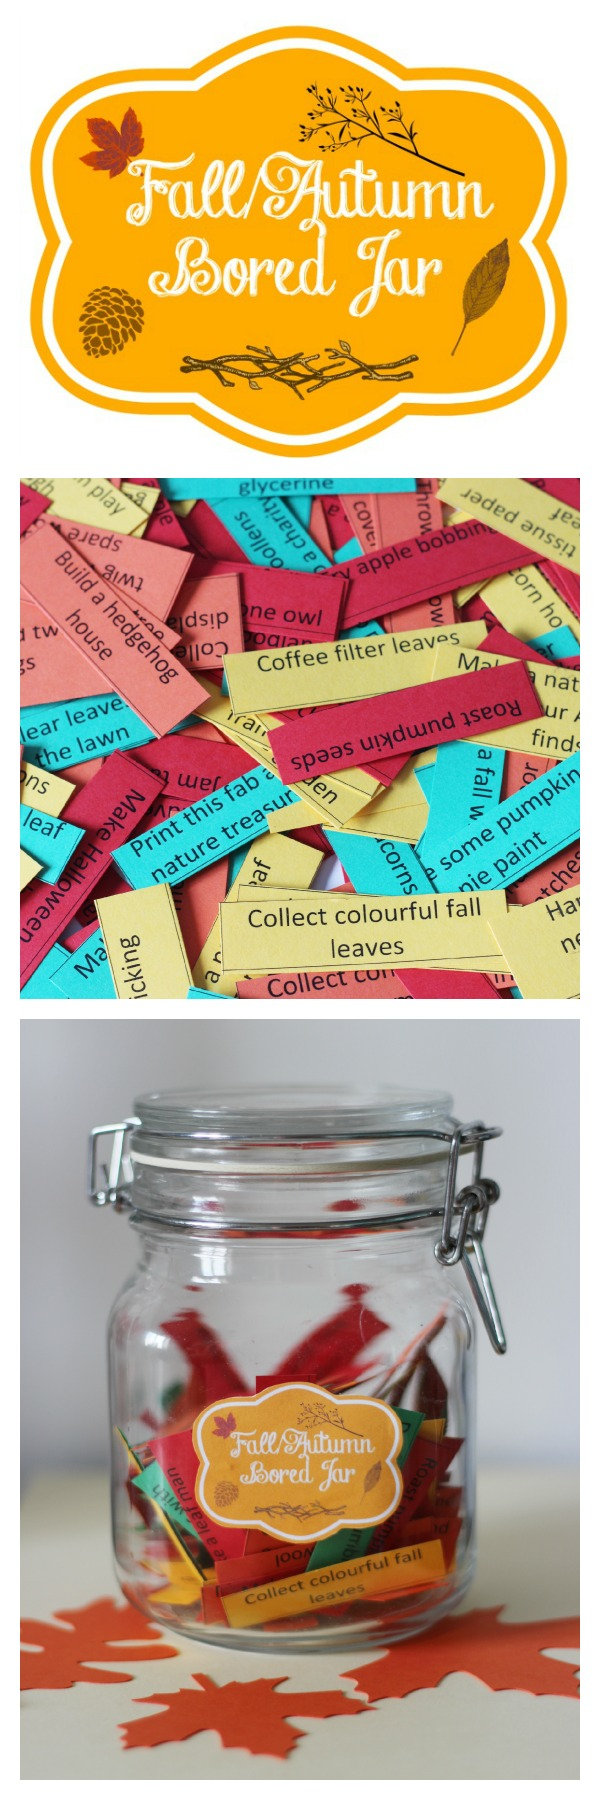 Fall autumn bored jar and activity list